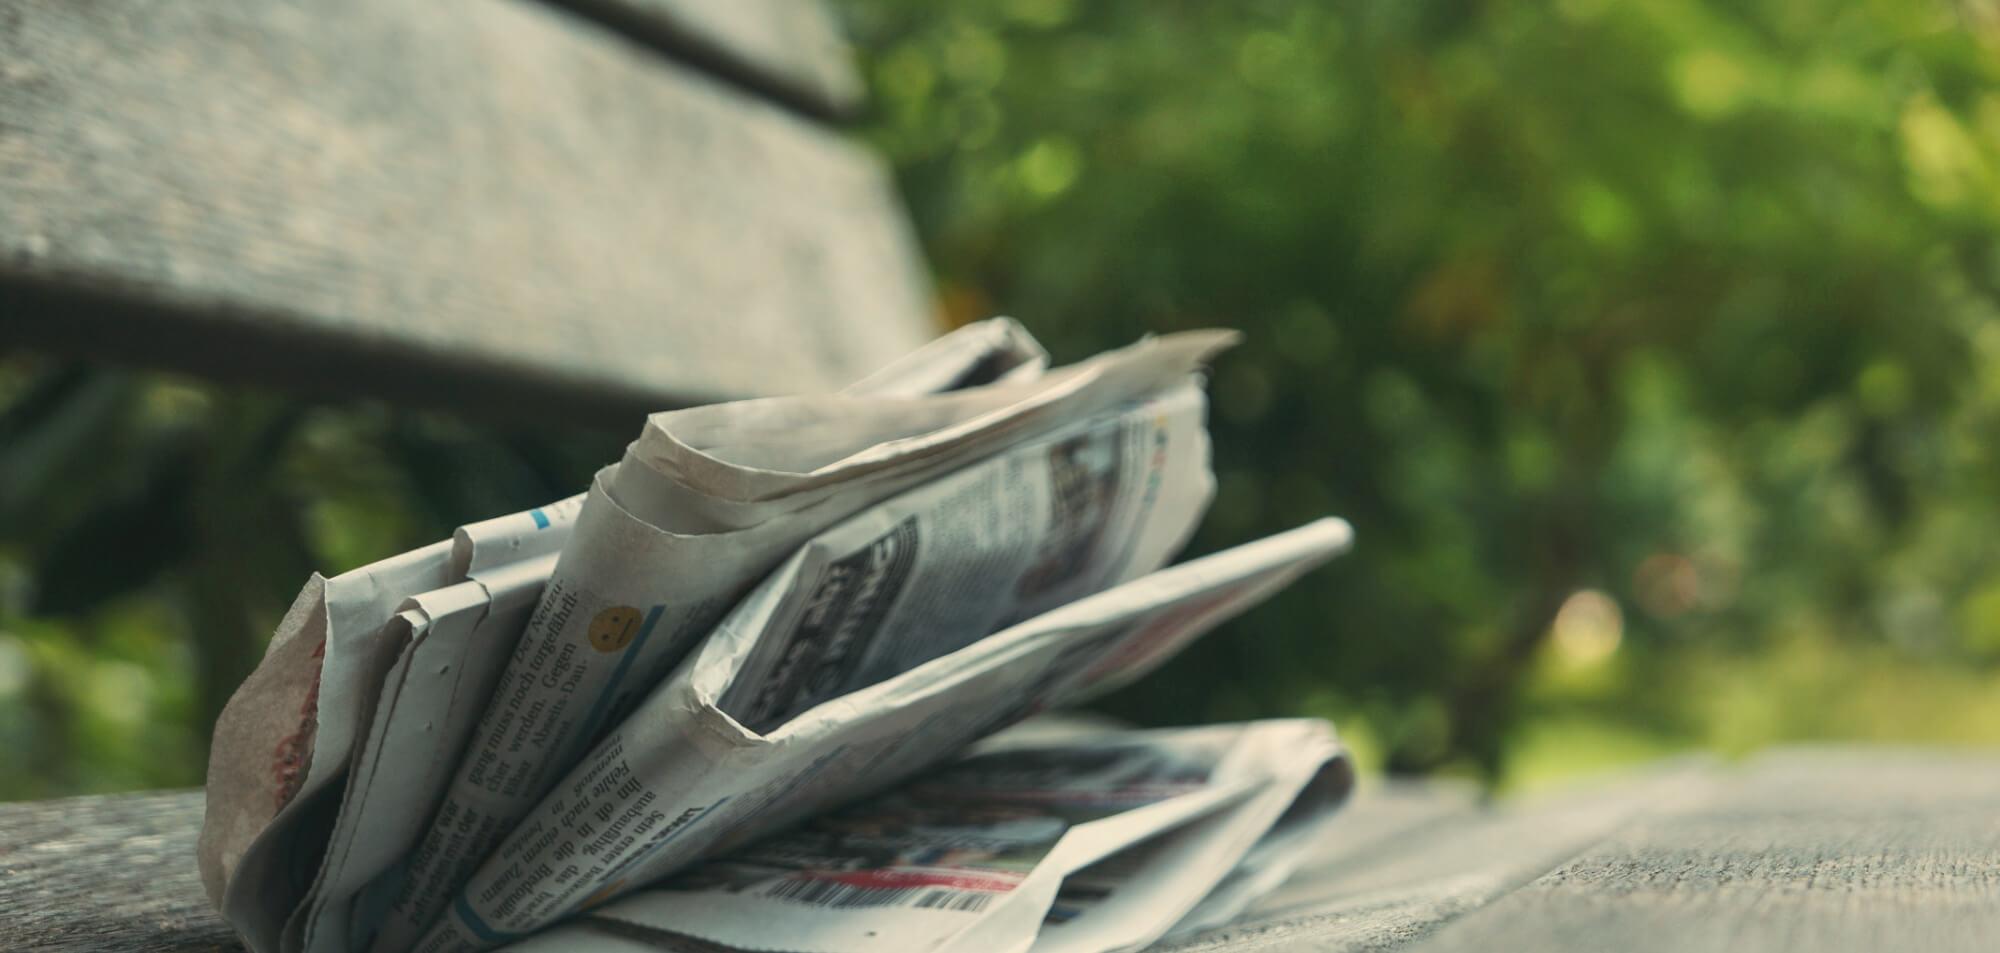 Tidning på en bänk i skogen